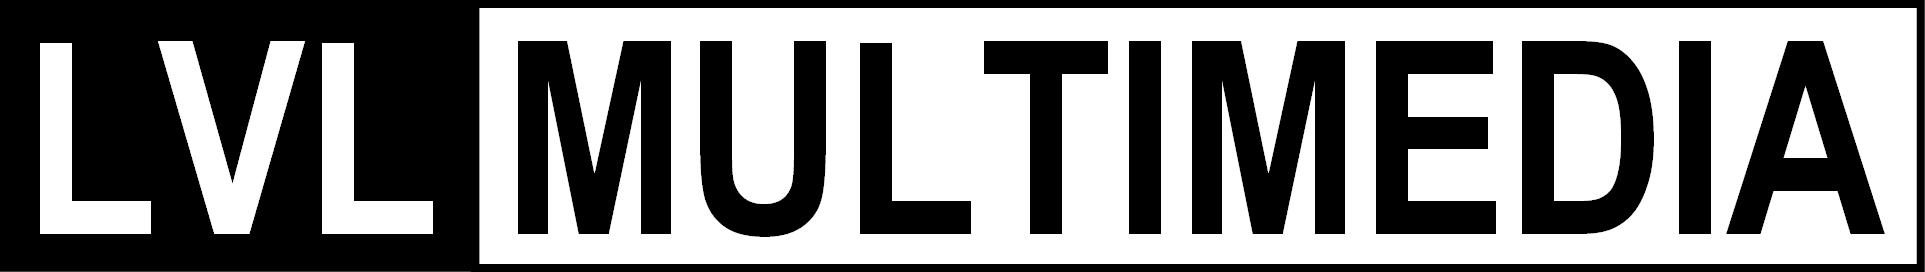 LVL Multimedia